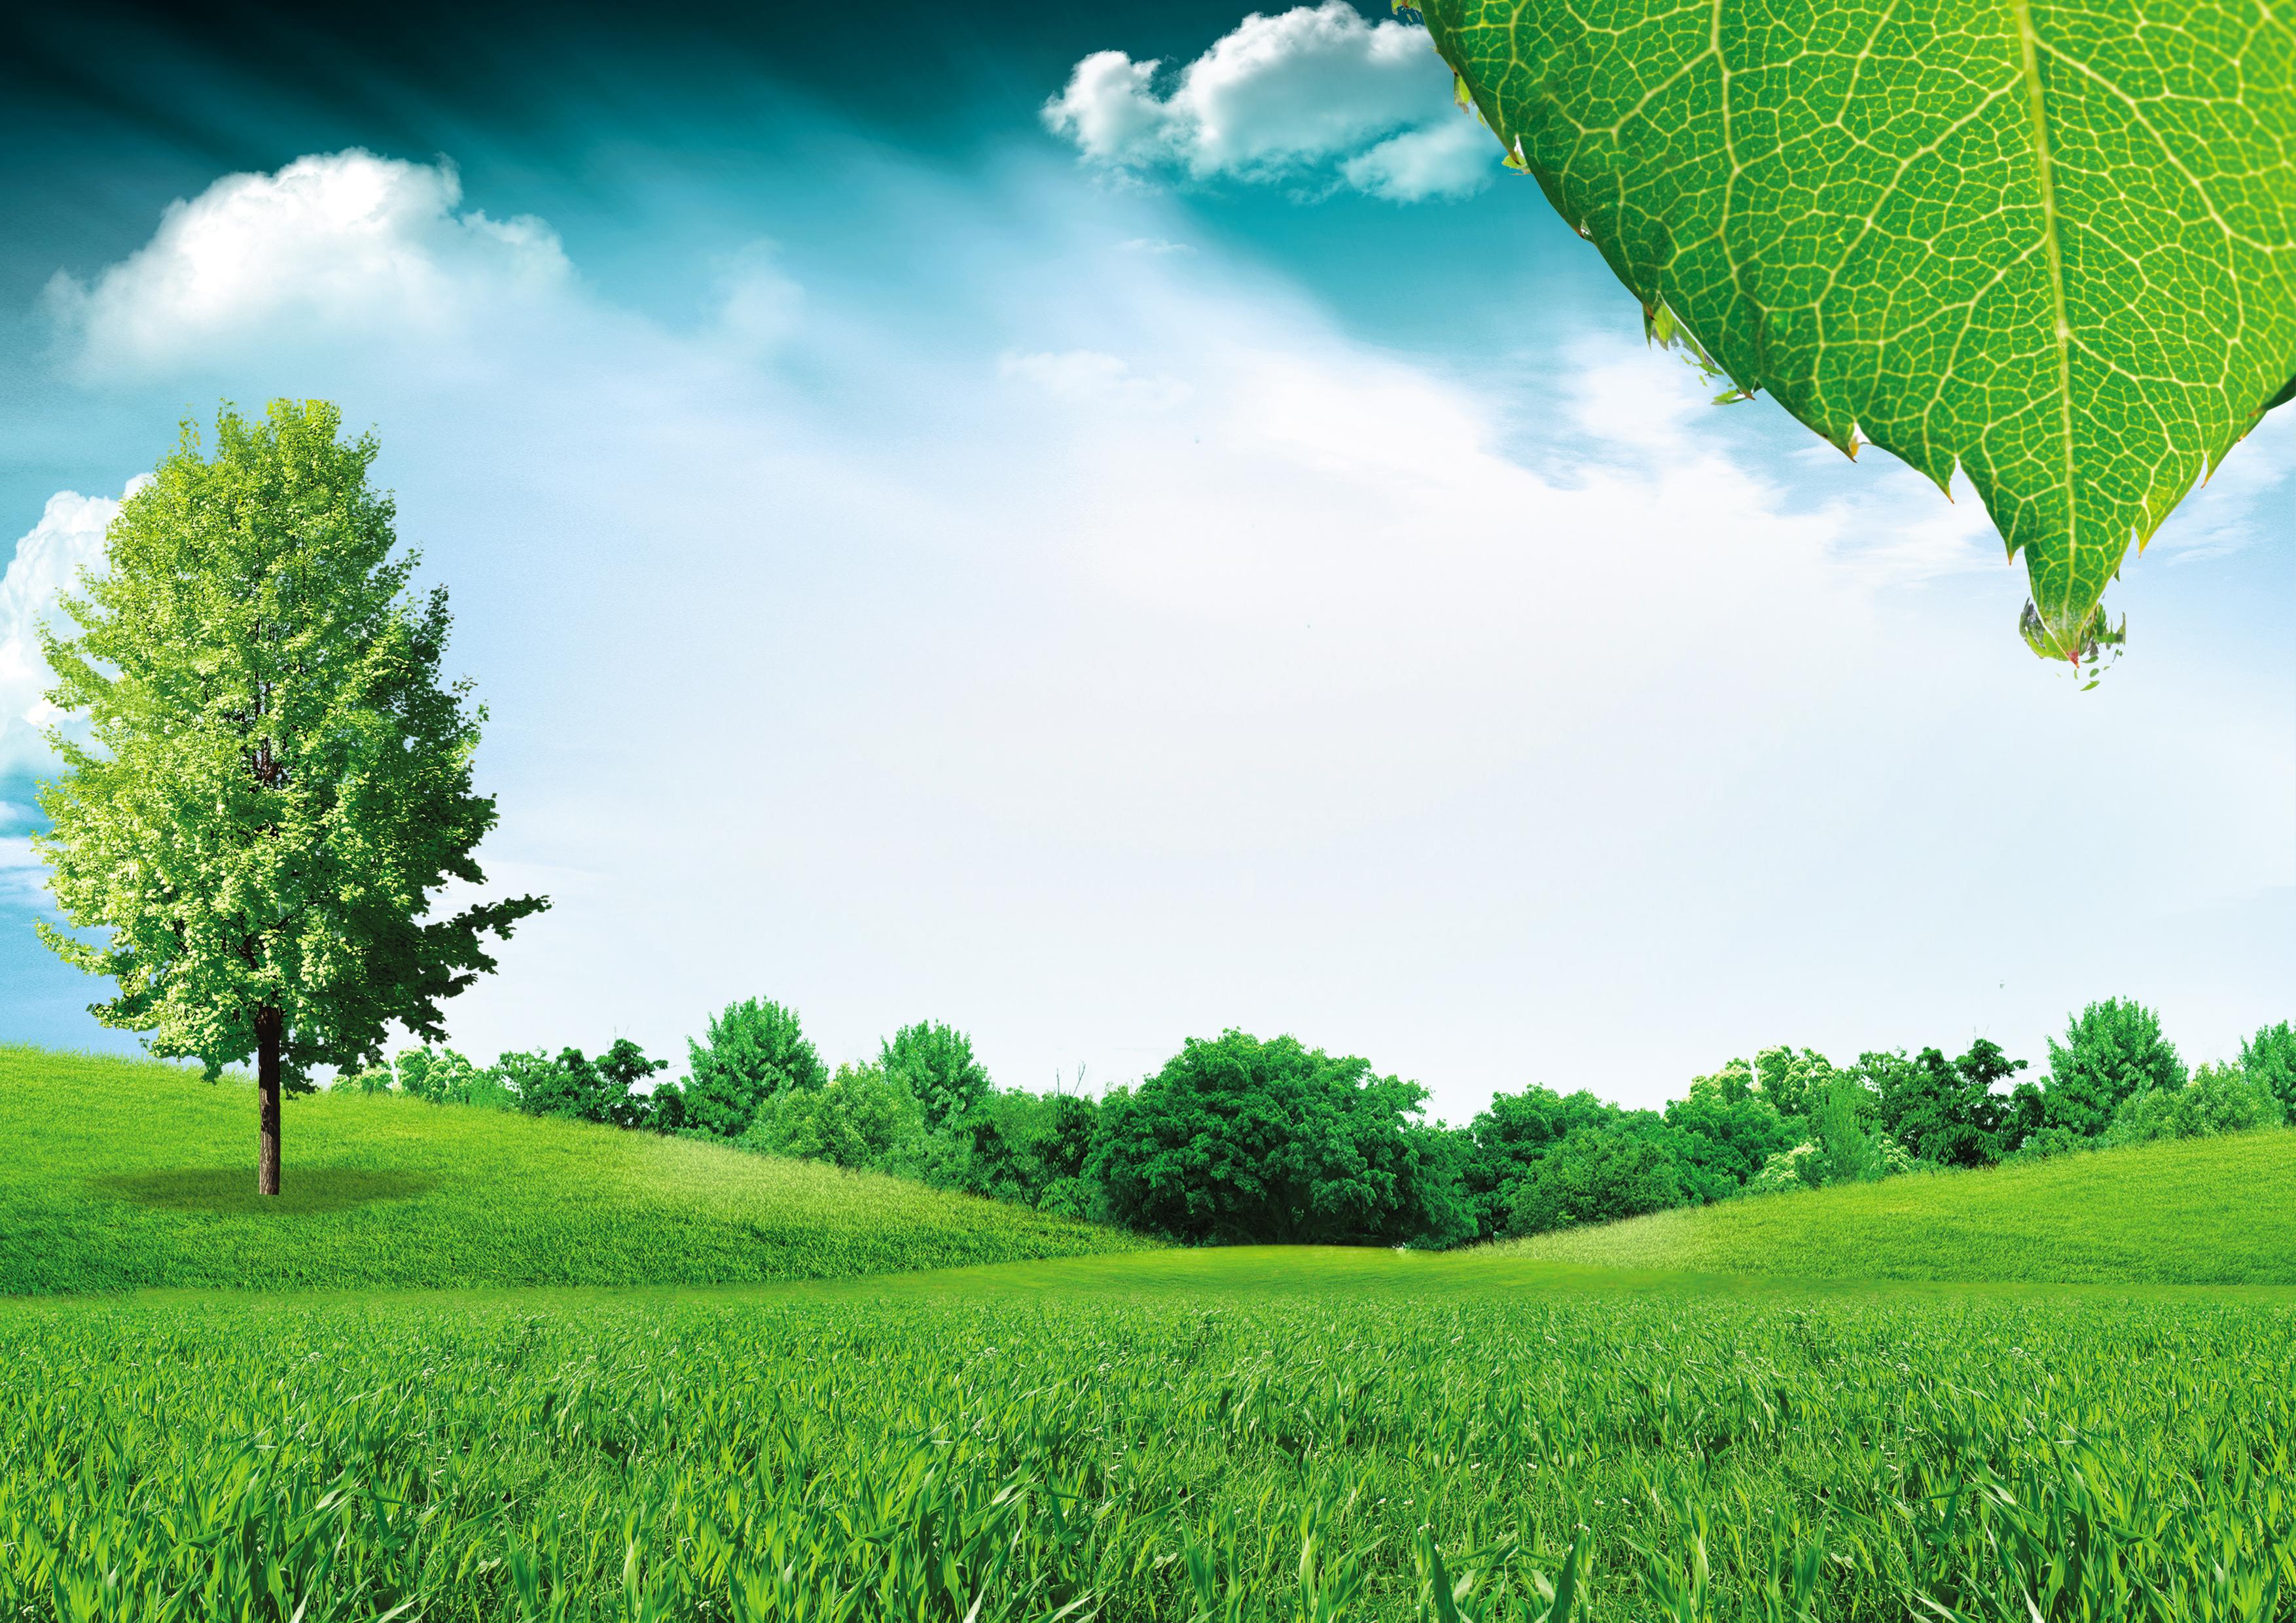 Thiên nhiên luôn ưu ái ban trặng cho chúng ta những phôn nền màu xanh tuyệt mỹ